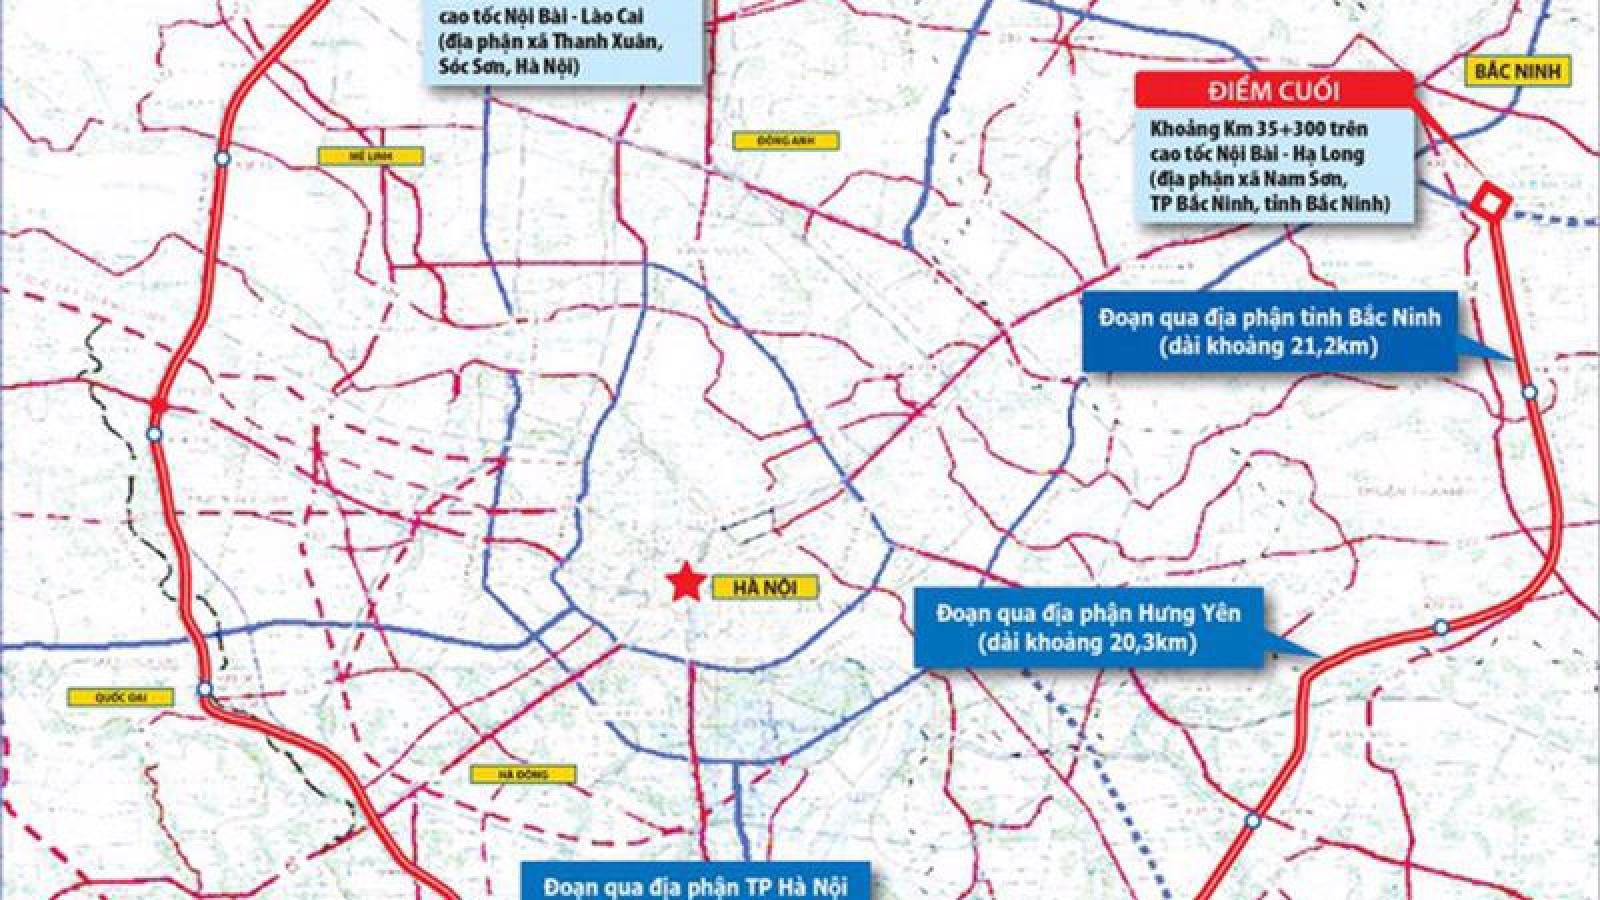 Hà Nội: Đồng ý chủ trương xây dựng đường vành đai 4- vùng Thủ đô